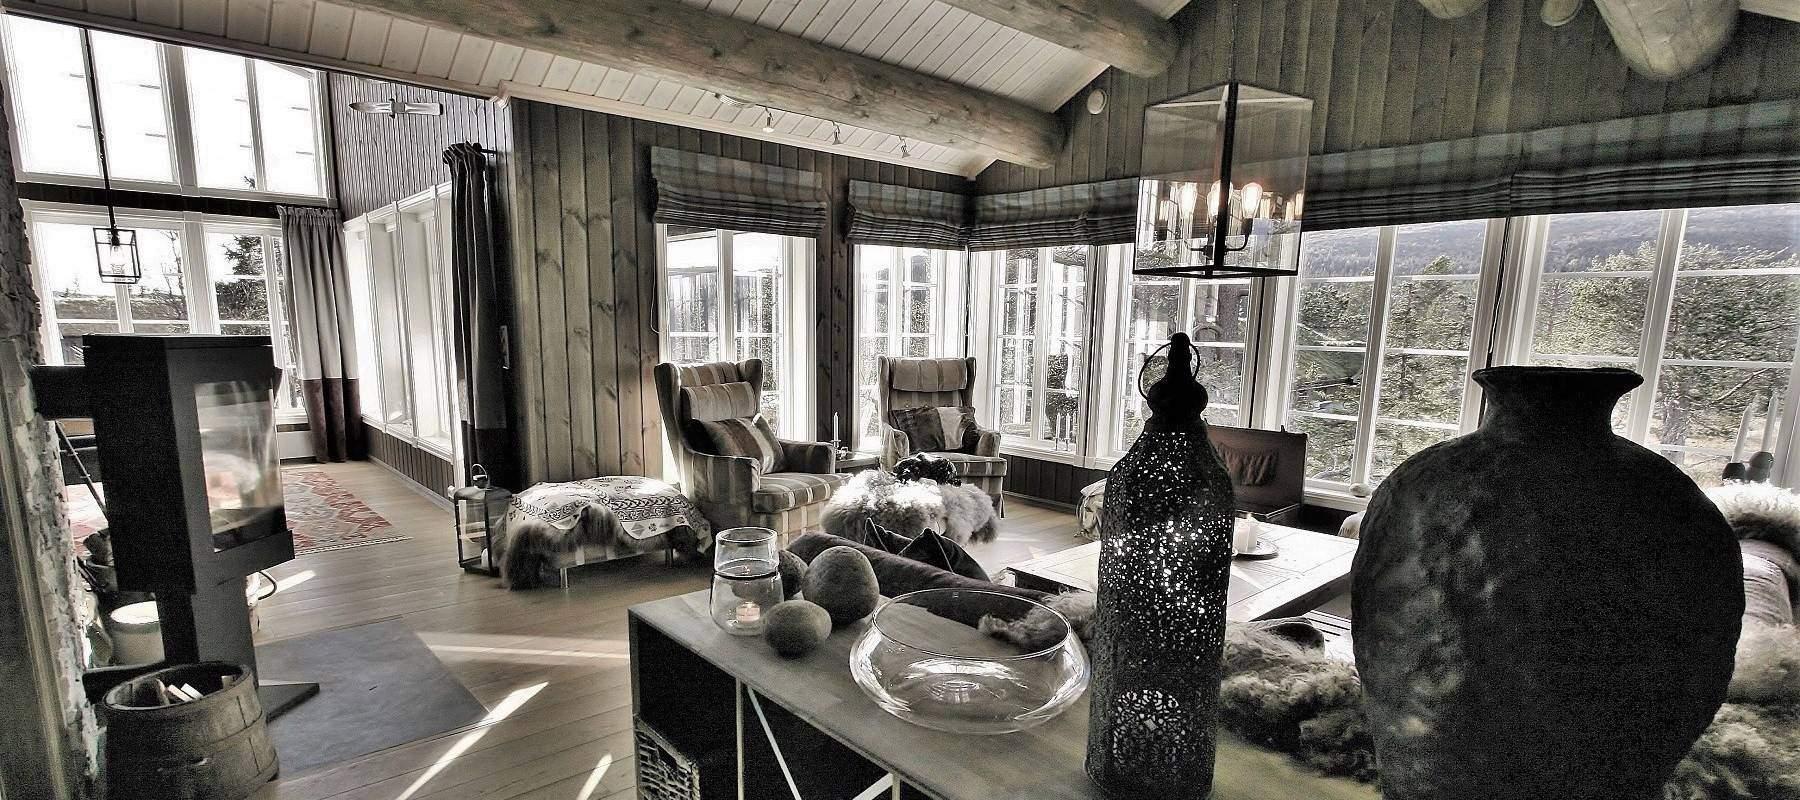 14 Hytteinteriør Inspirasjon Veggli – Stryn 92